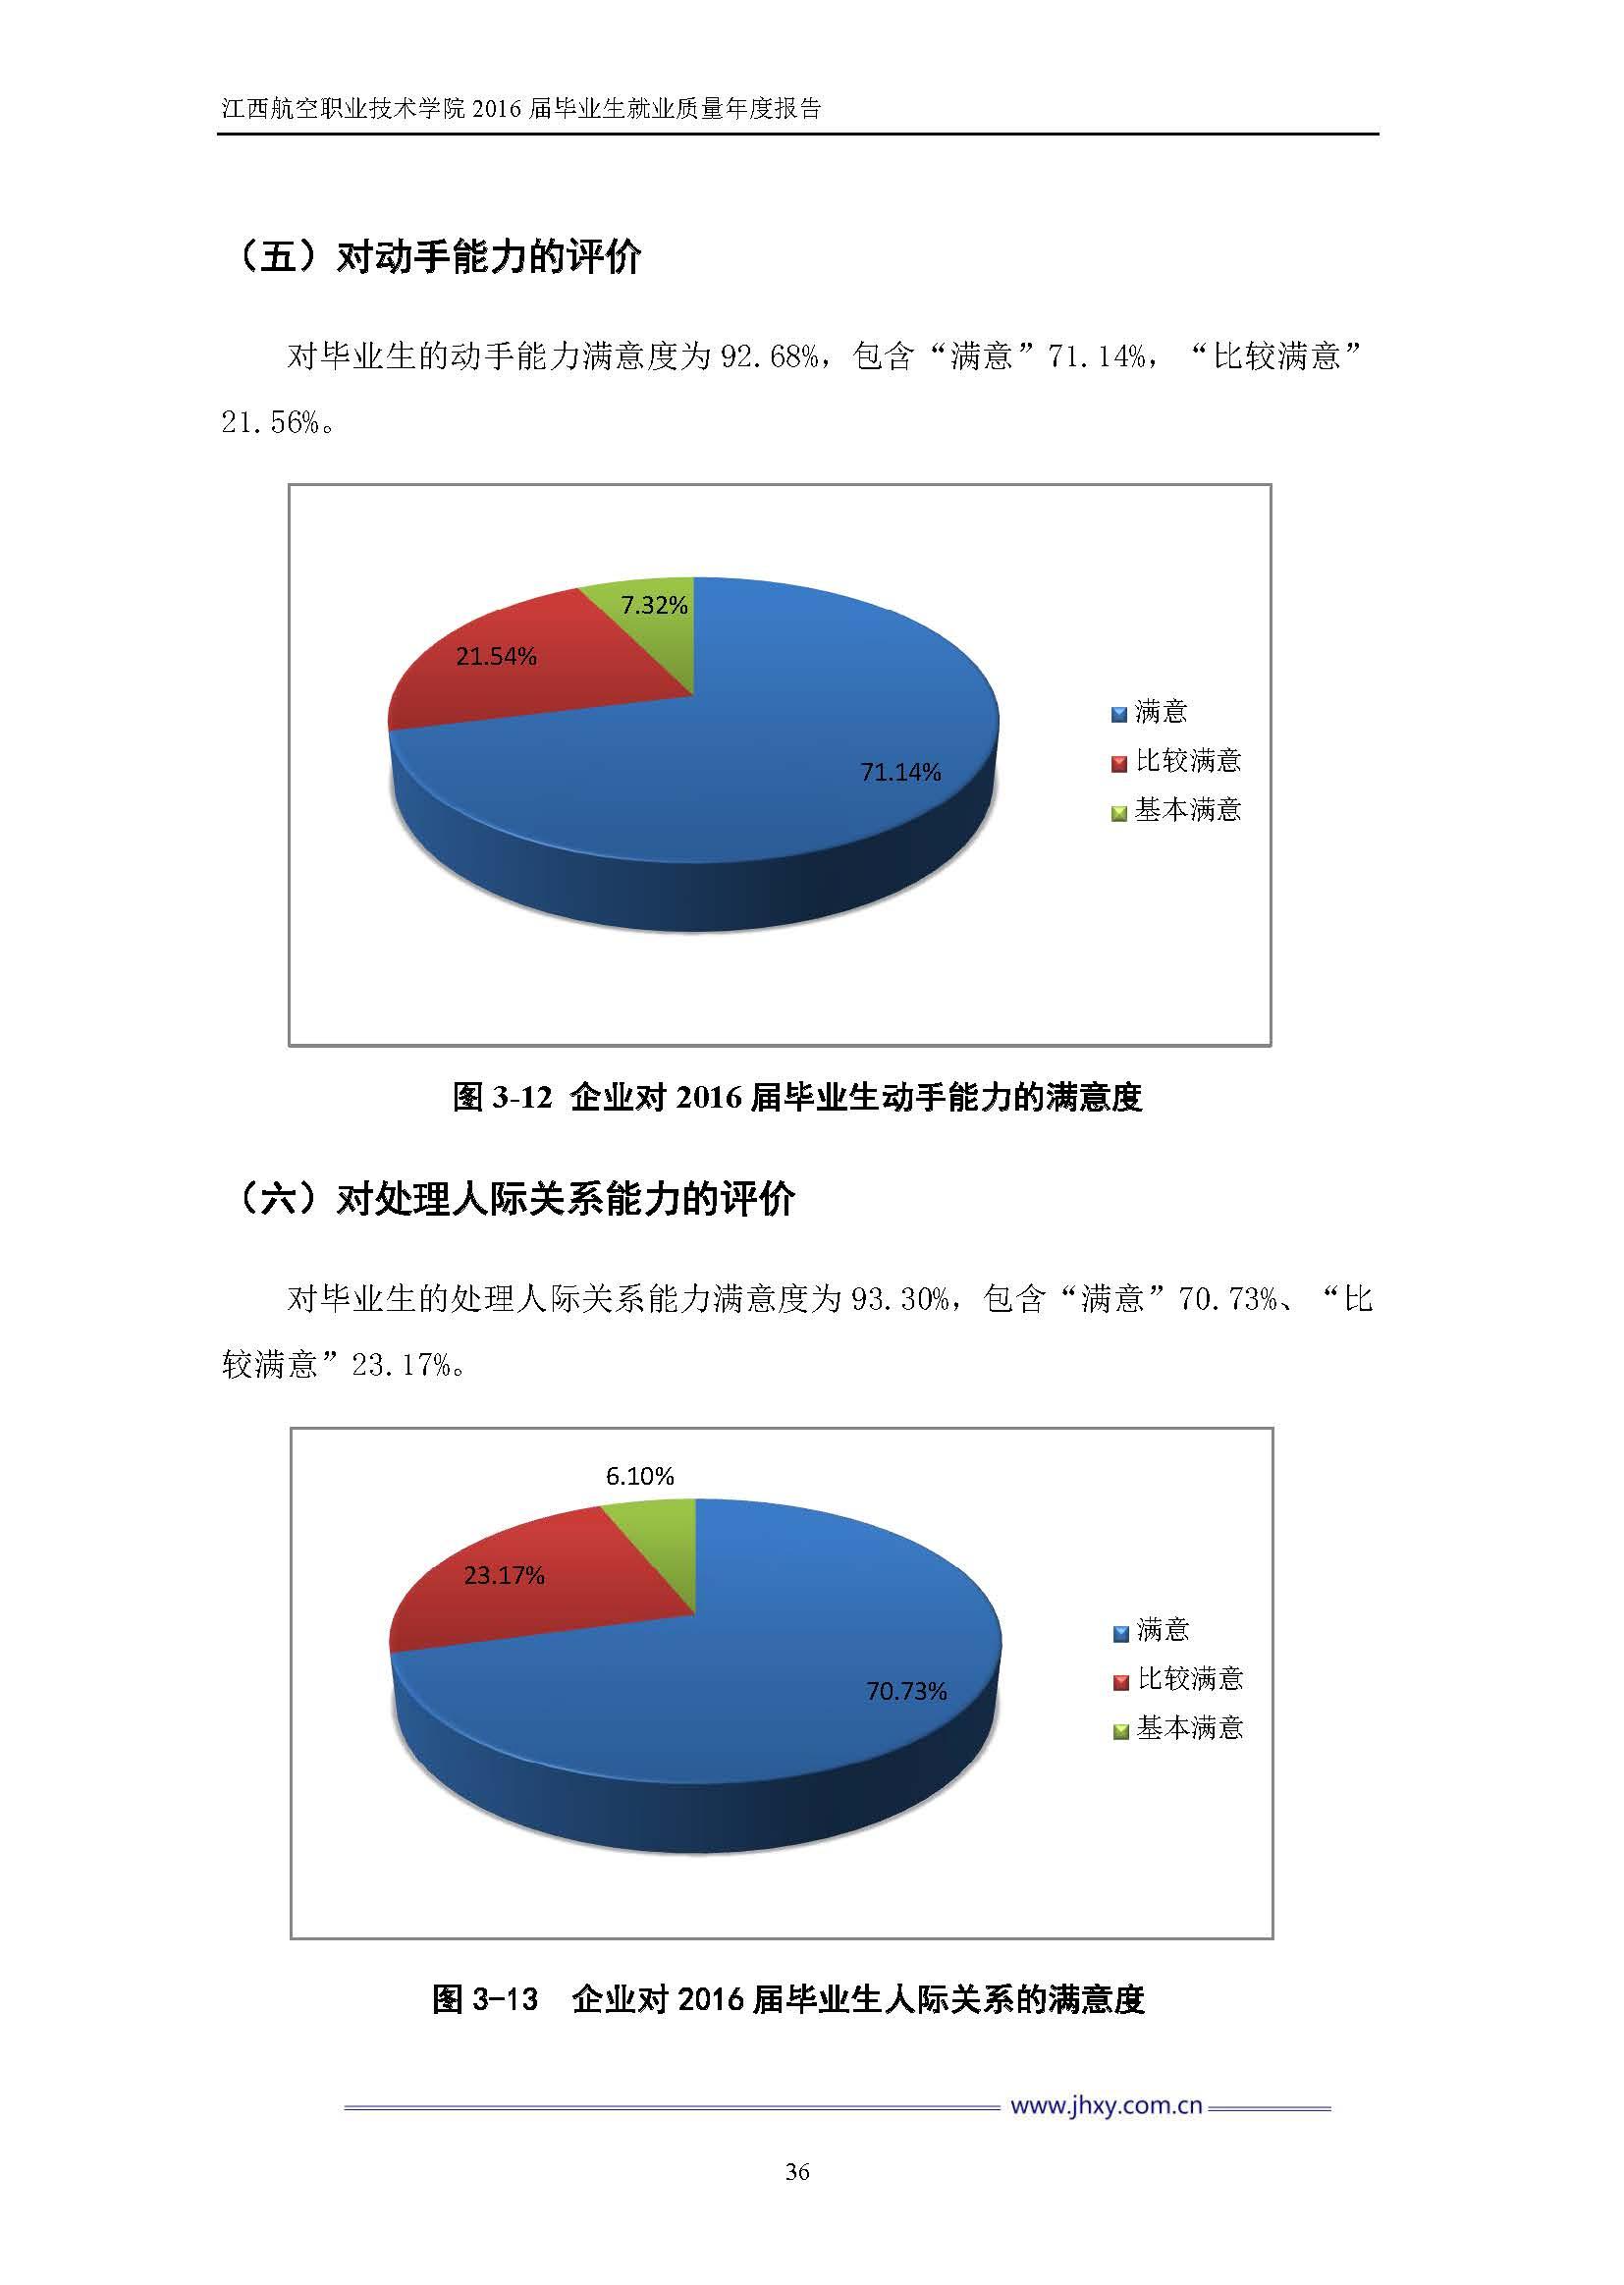 江西航空职业技术学院2016届毕业生就业质量年度报告_Page_43.jpg